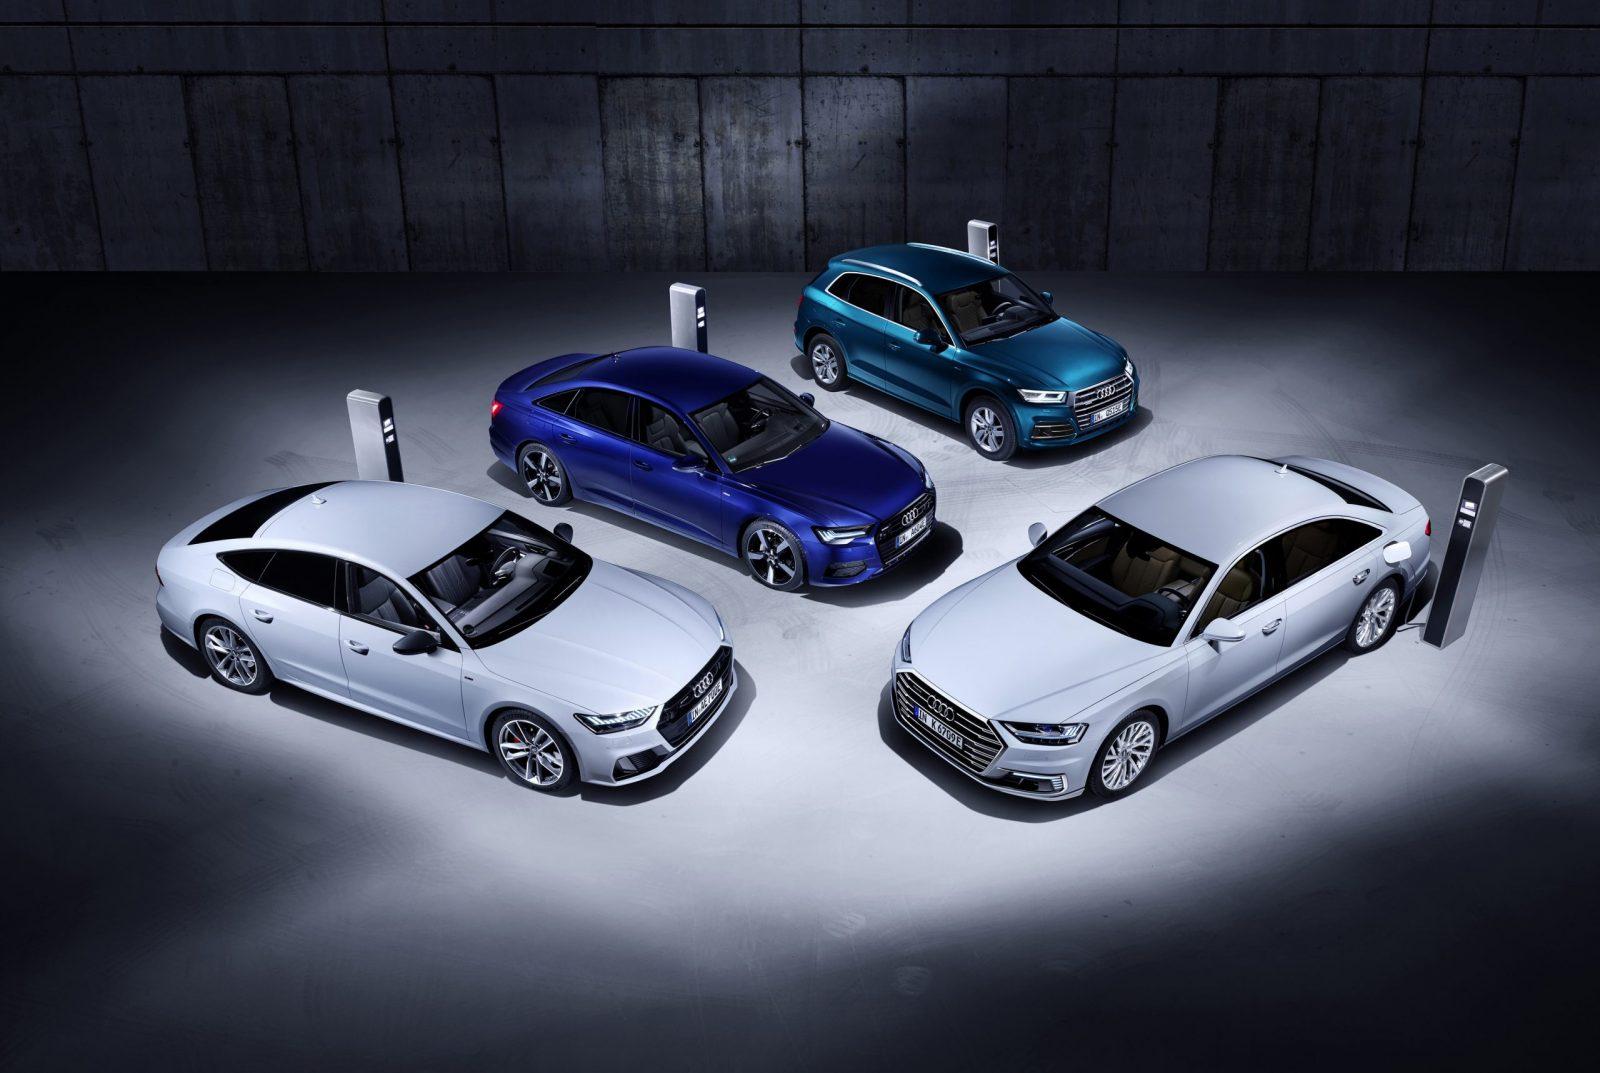 Audi prépare trois nouveaux modèles hybrides rechargeables